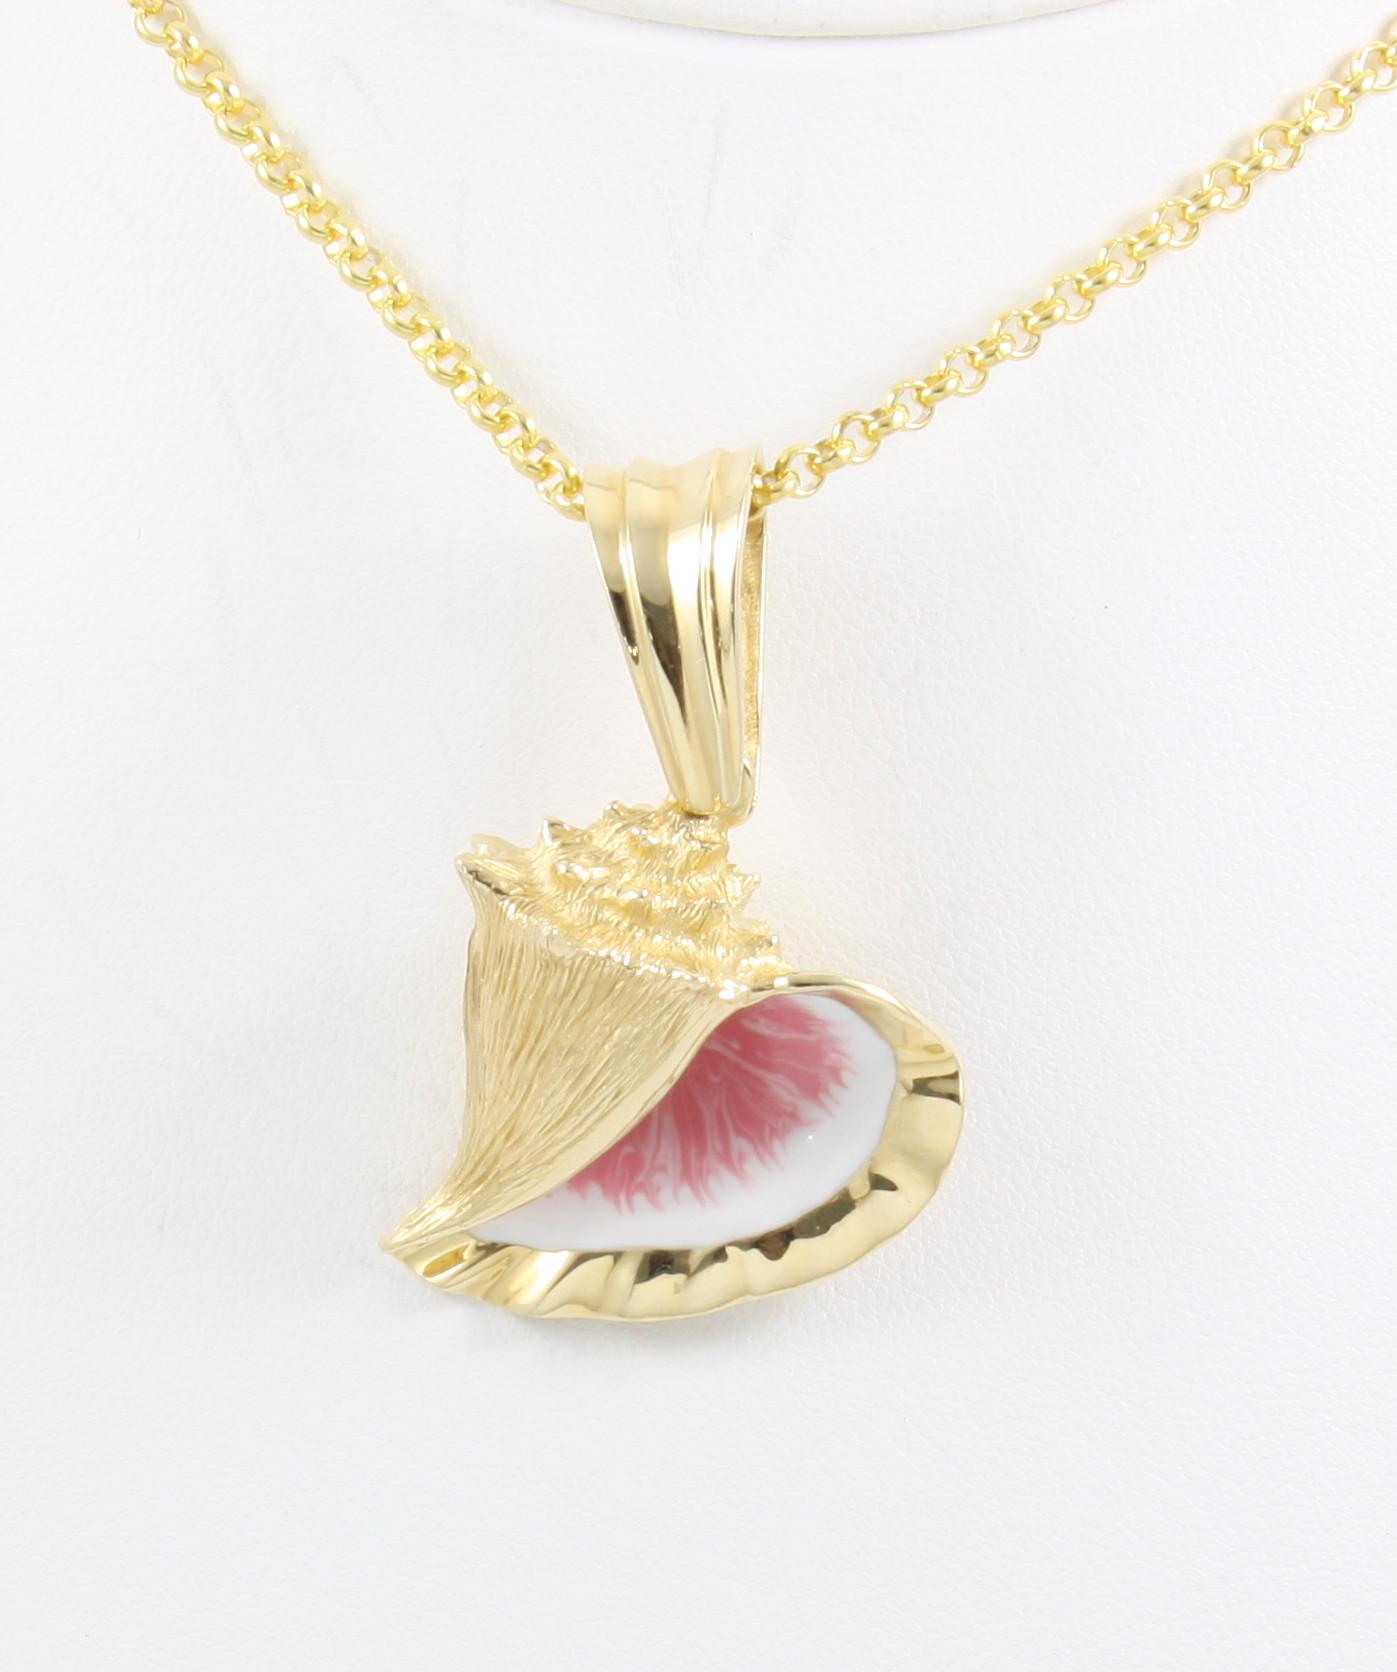 14k conch shell pendant large neptune designs custom